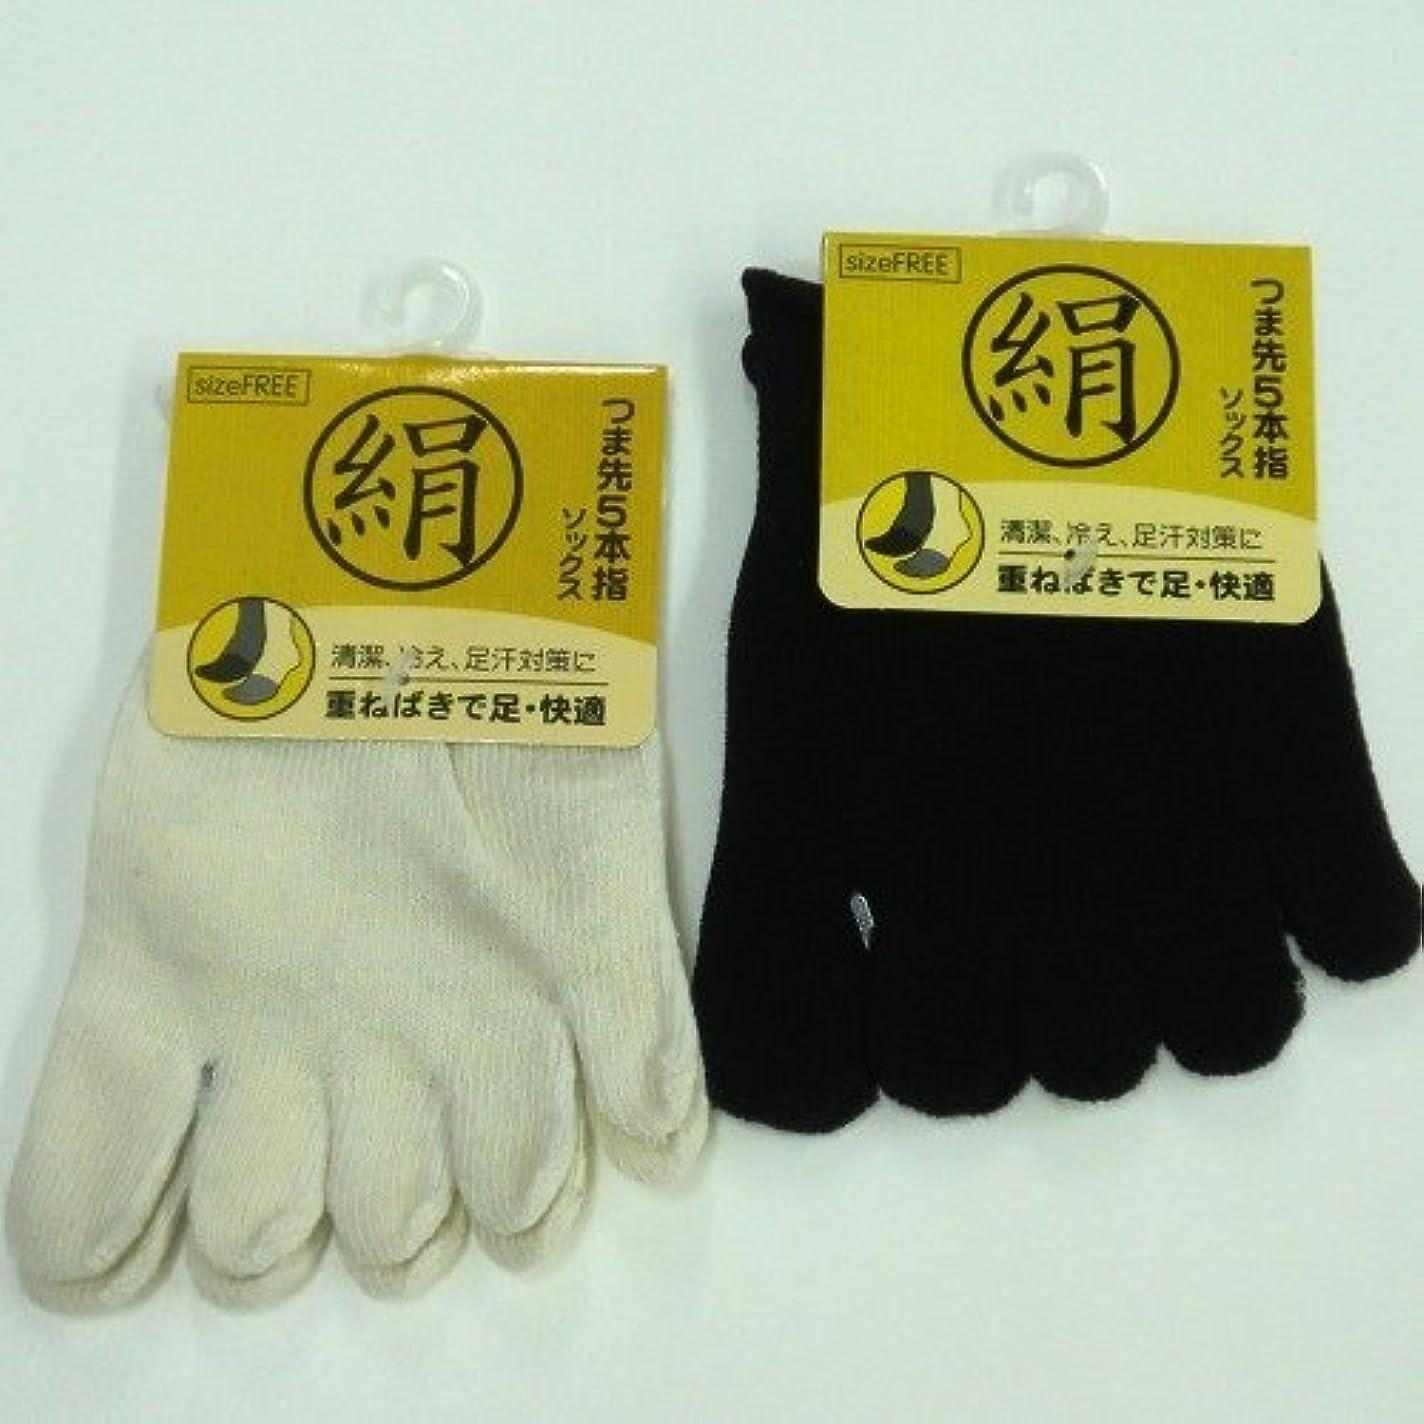 賞賛温度計賞賛するシルク 5本指ハーフソックス 足指カバー 天然素材絹で抗菌防臭 4足組